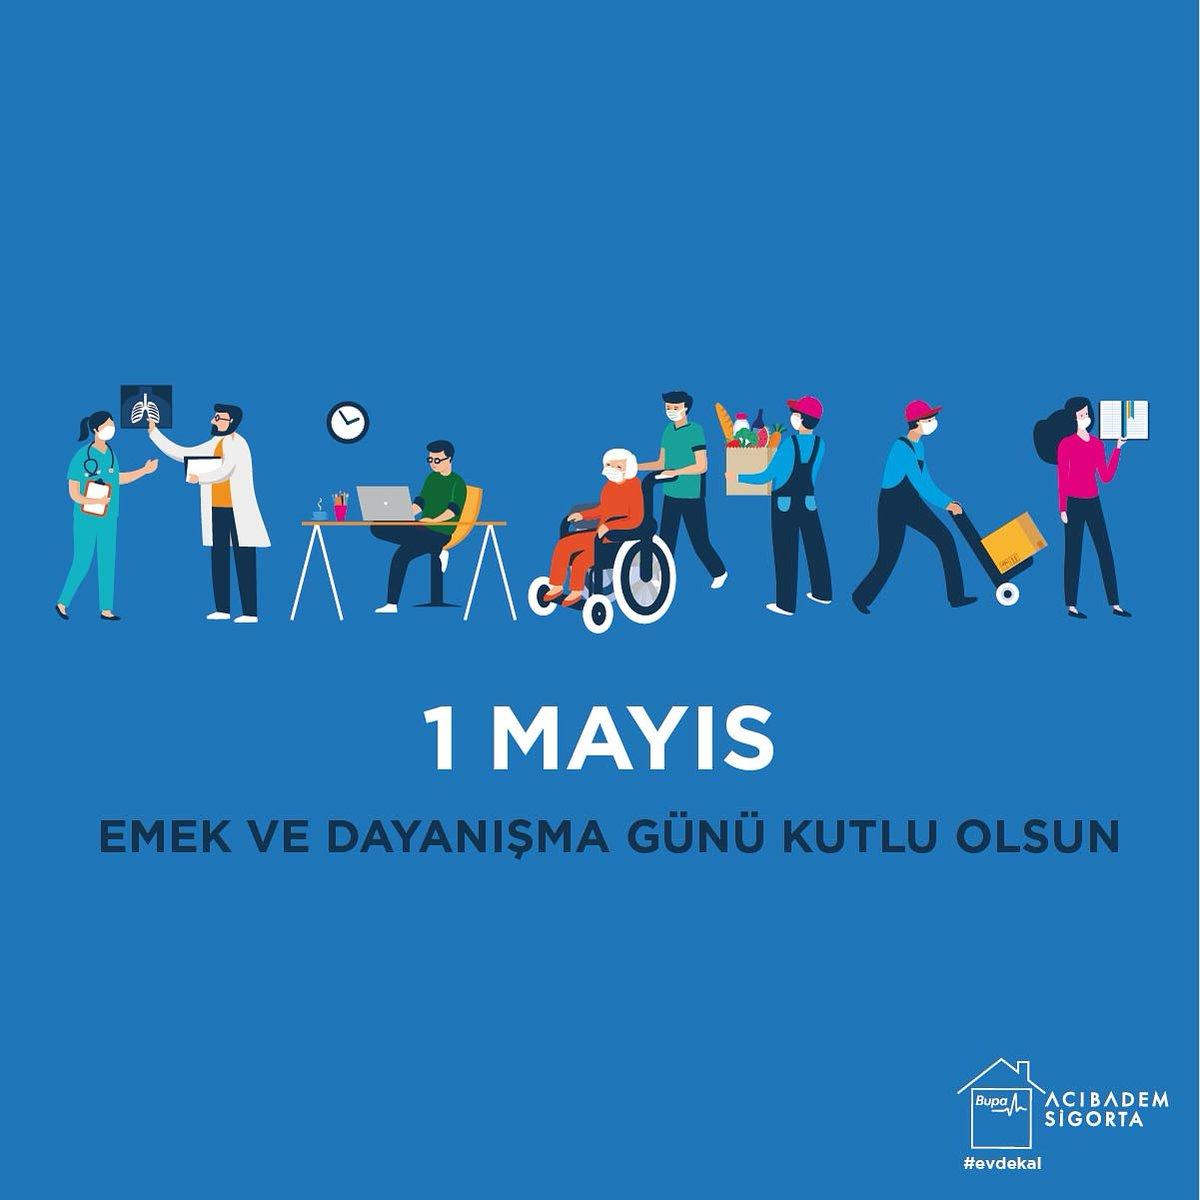 Bu zorlu günlerde çalışmalarını durdurmadan devam ettiren, başta sağlık çalışanları olmak üzere, üreten, emek veren tüm çalışanların #1MayısEmekveDayanışmaGünü kutlu olsun.  #BupaAcıbademSigorta #1Mayıs https://t.co/dmz9DMCprs